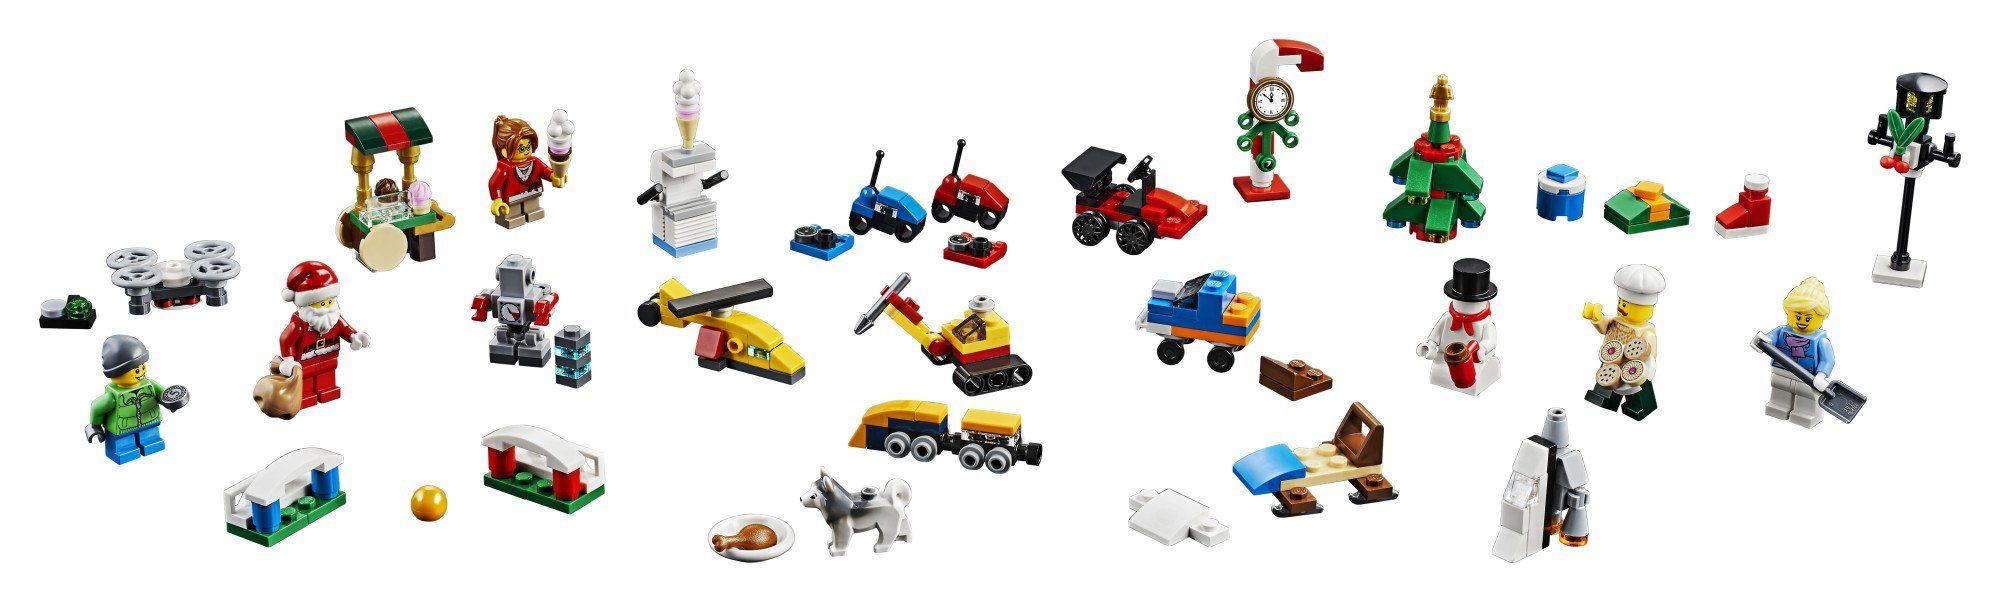 Lego City Advent Calendar 60201 New 2018 Edition Minifigures Small